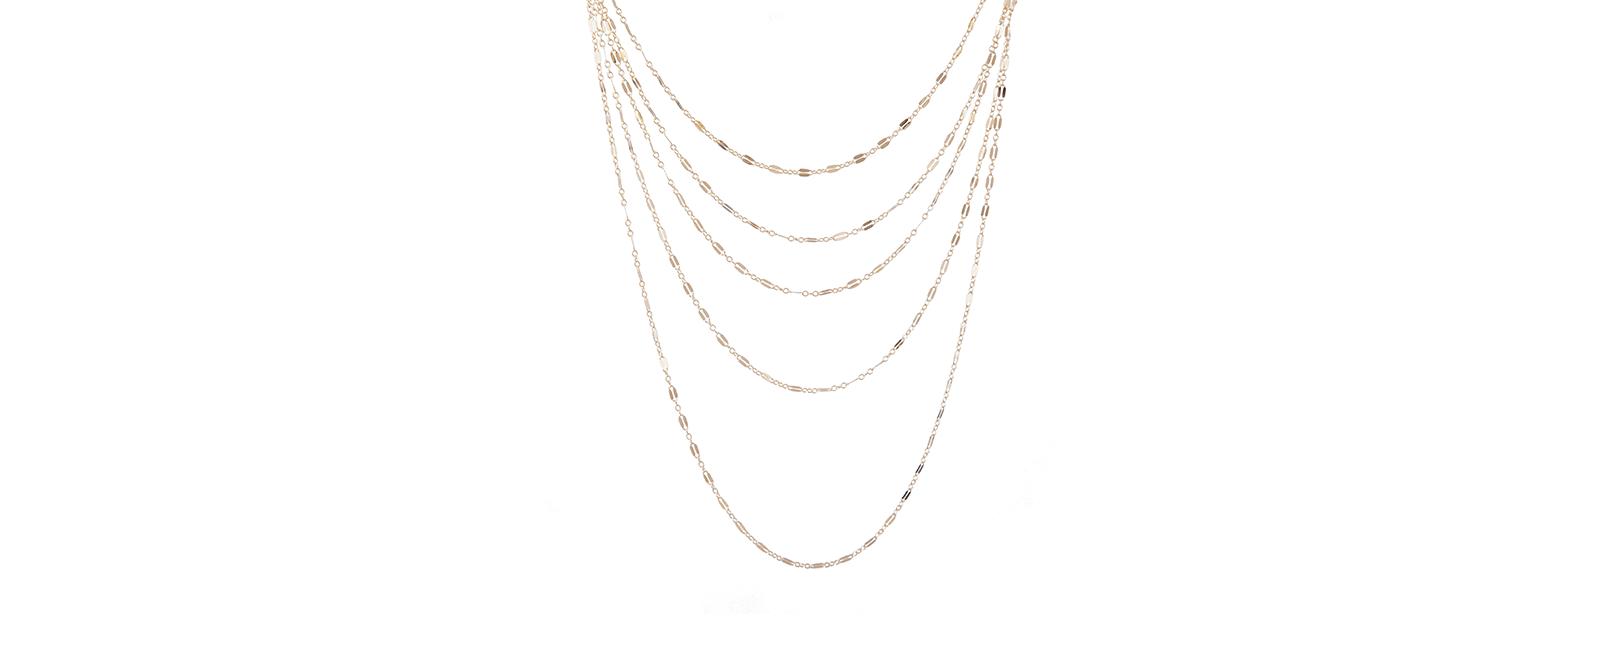 necklace-fashion-jewlery